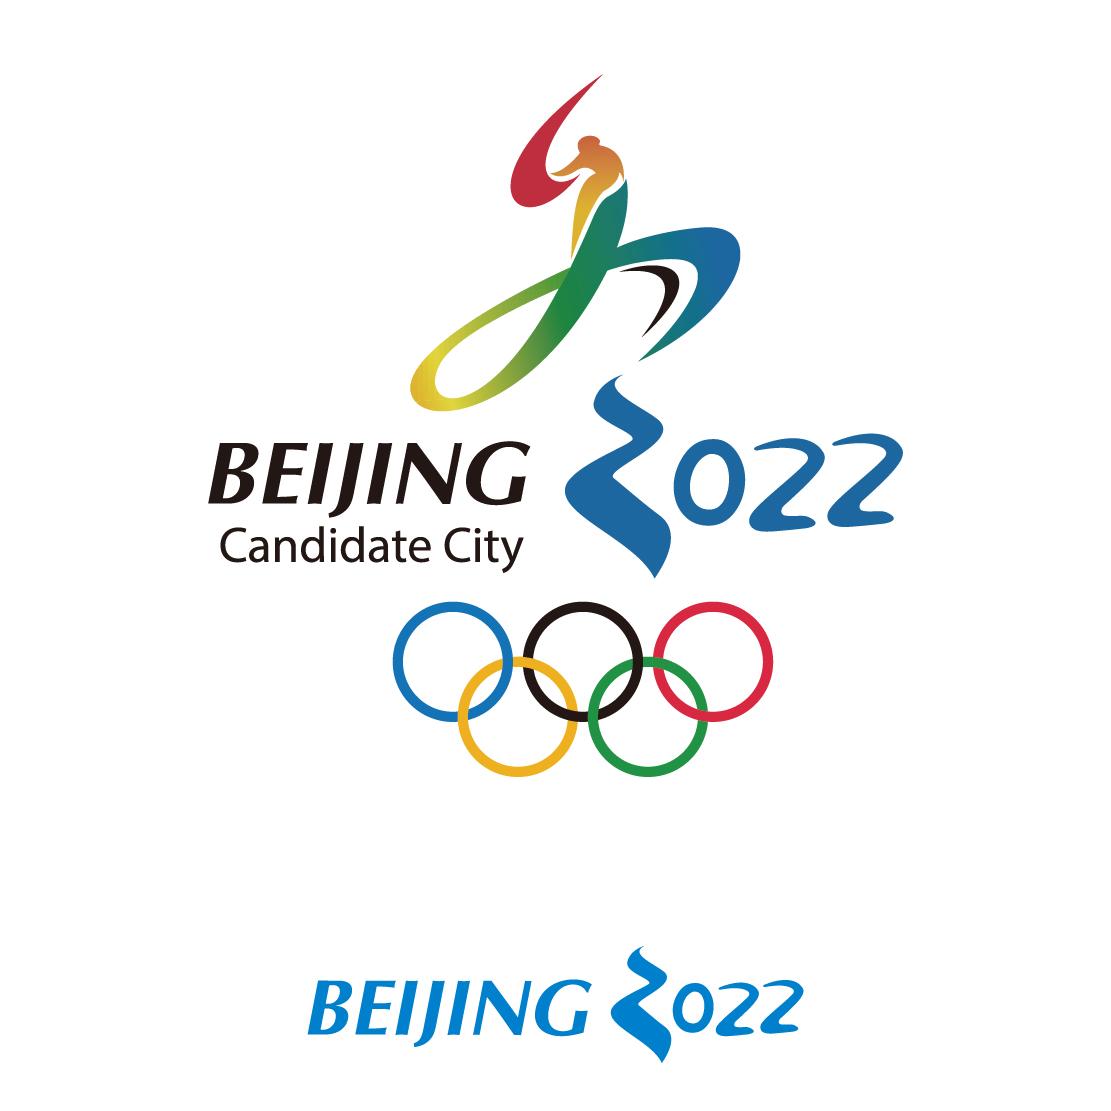 北京张家口2022冬奥会申办logo展示图片